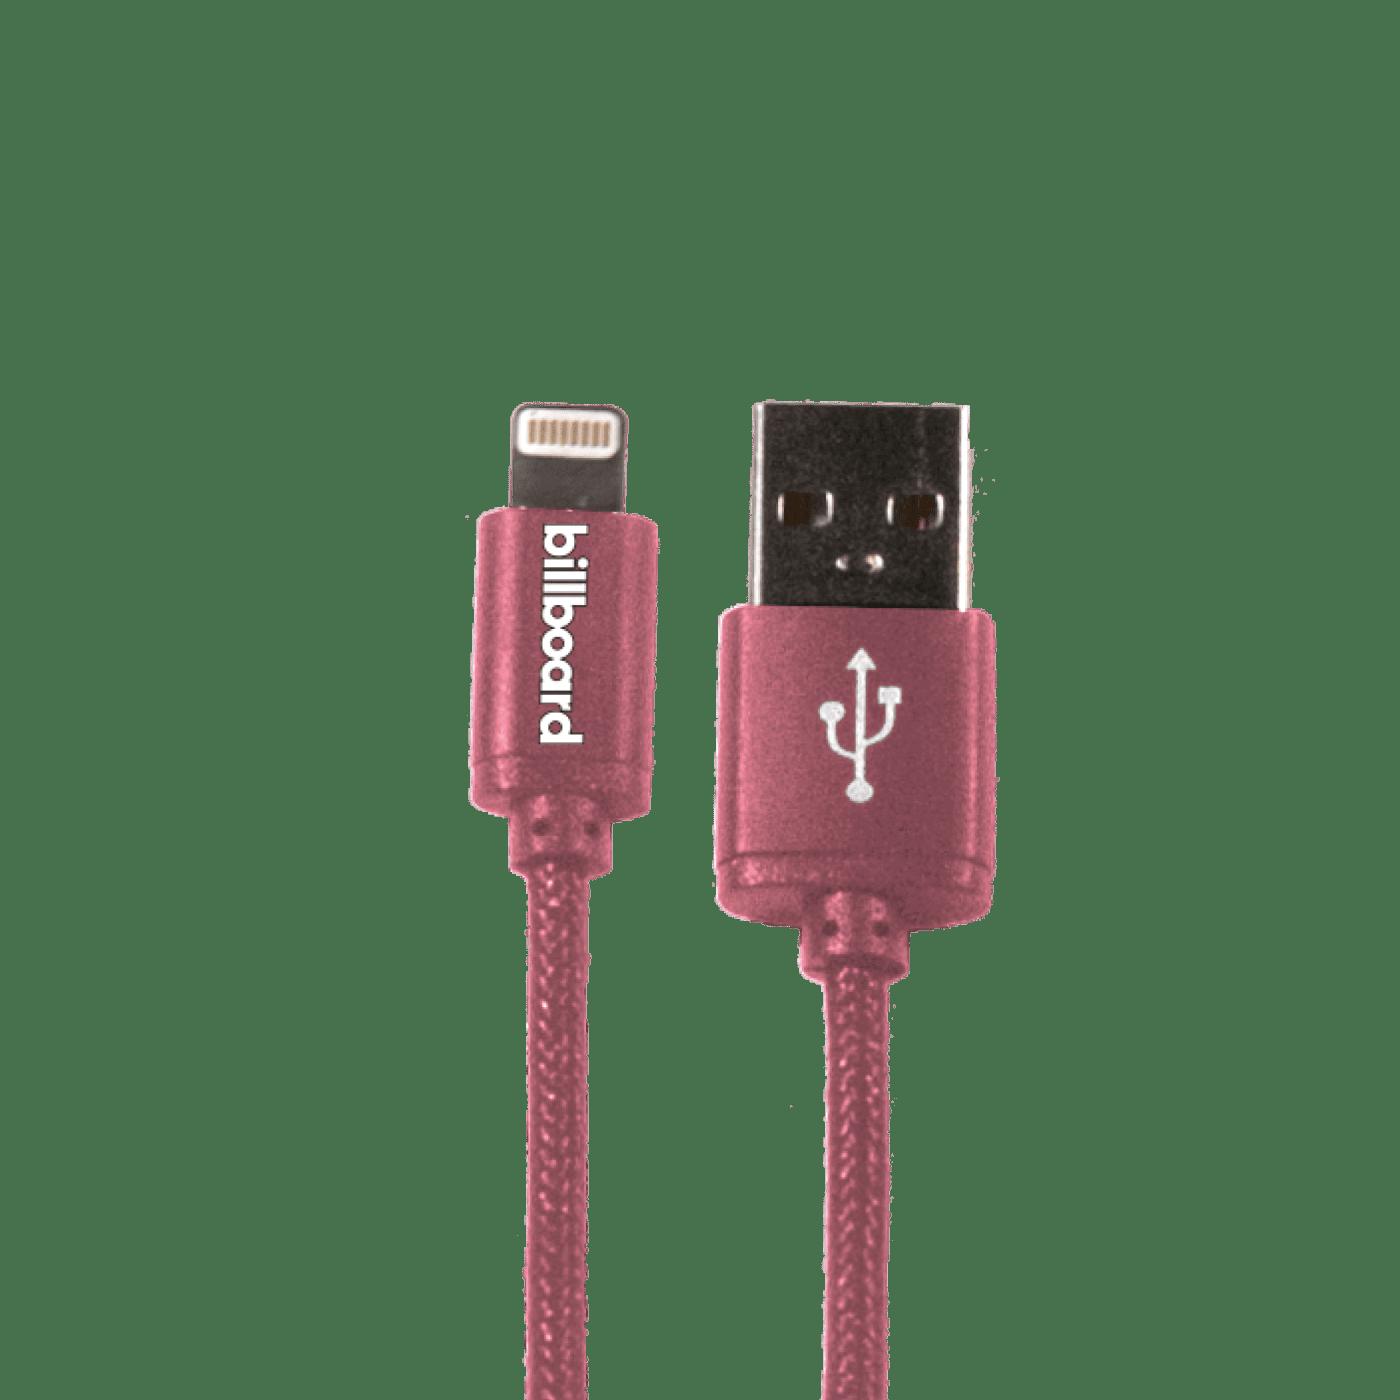 Billboard 6ft LIGHTNING  USB Cable ROSE GOLD